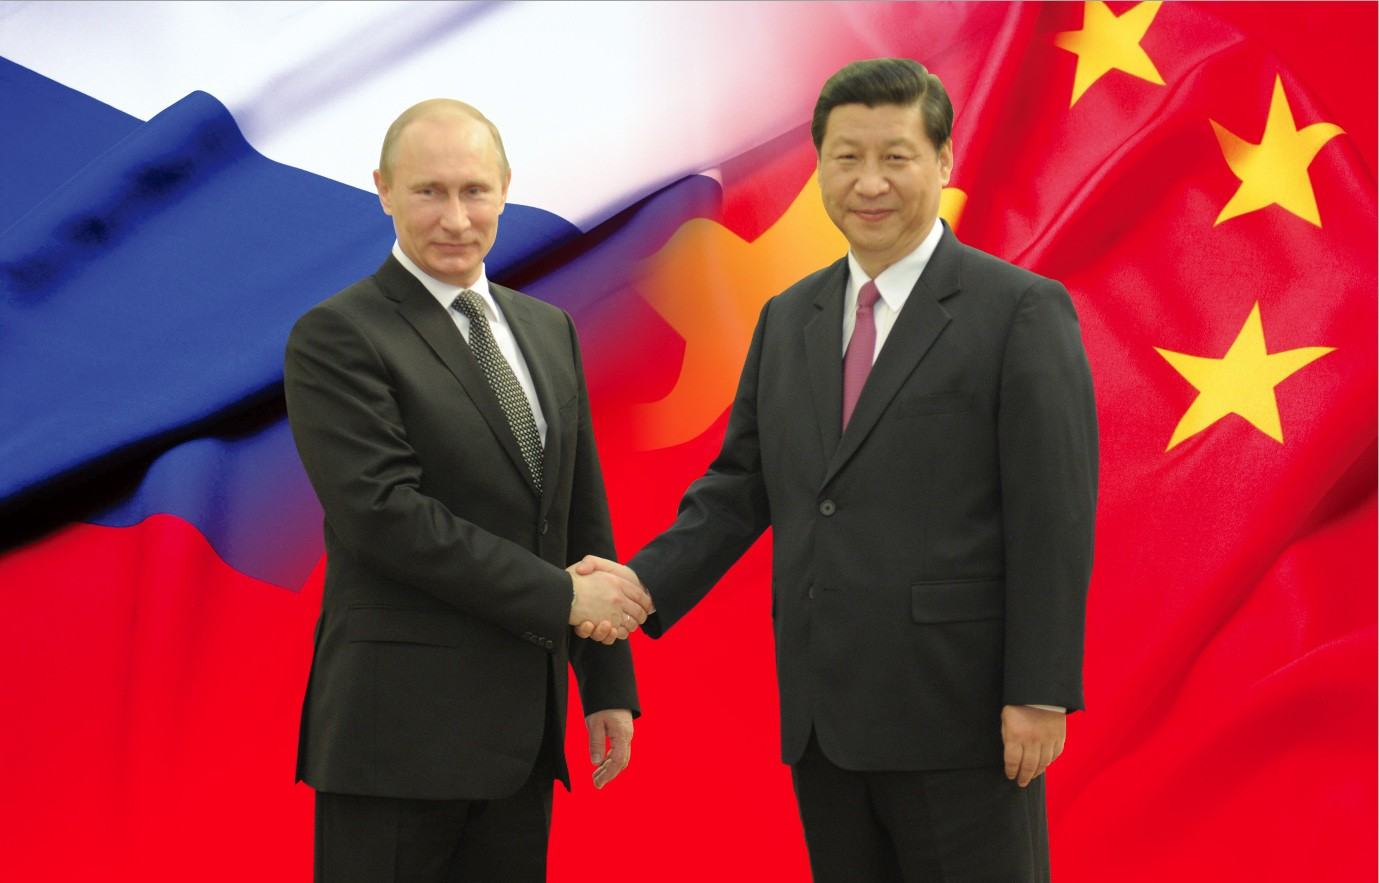 Китайцы пачками скупают российское мороженое после подарка данного лакомства Путиным СиЦзиньпину